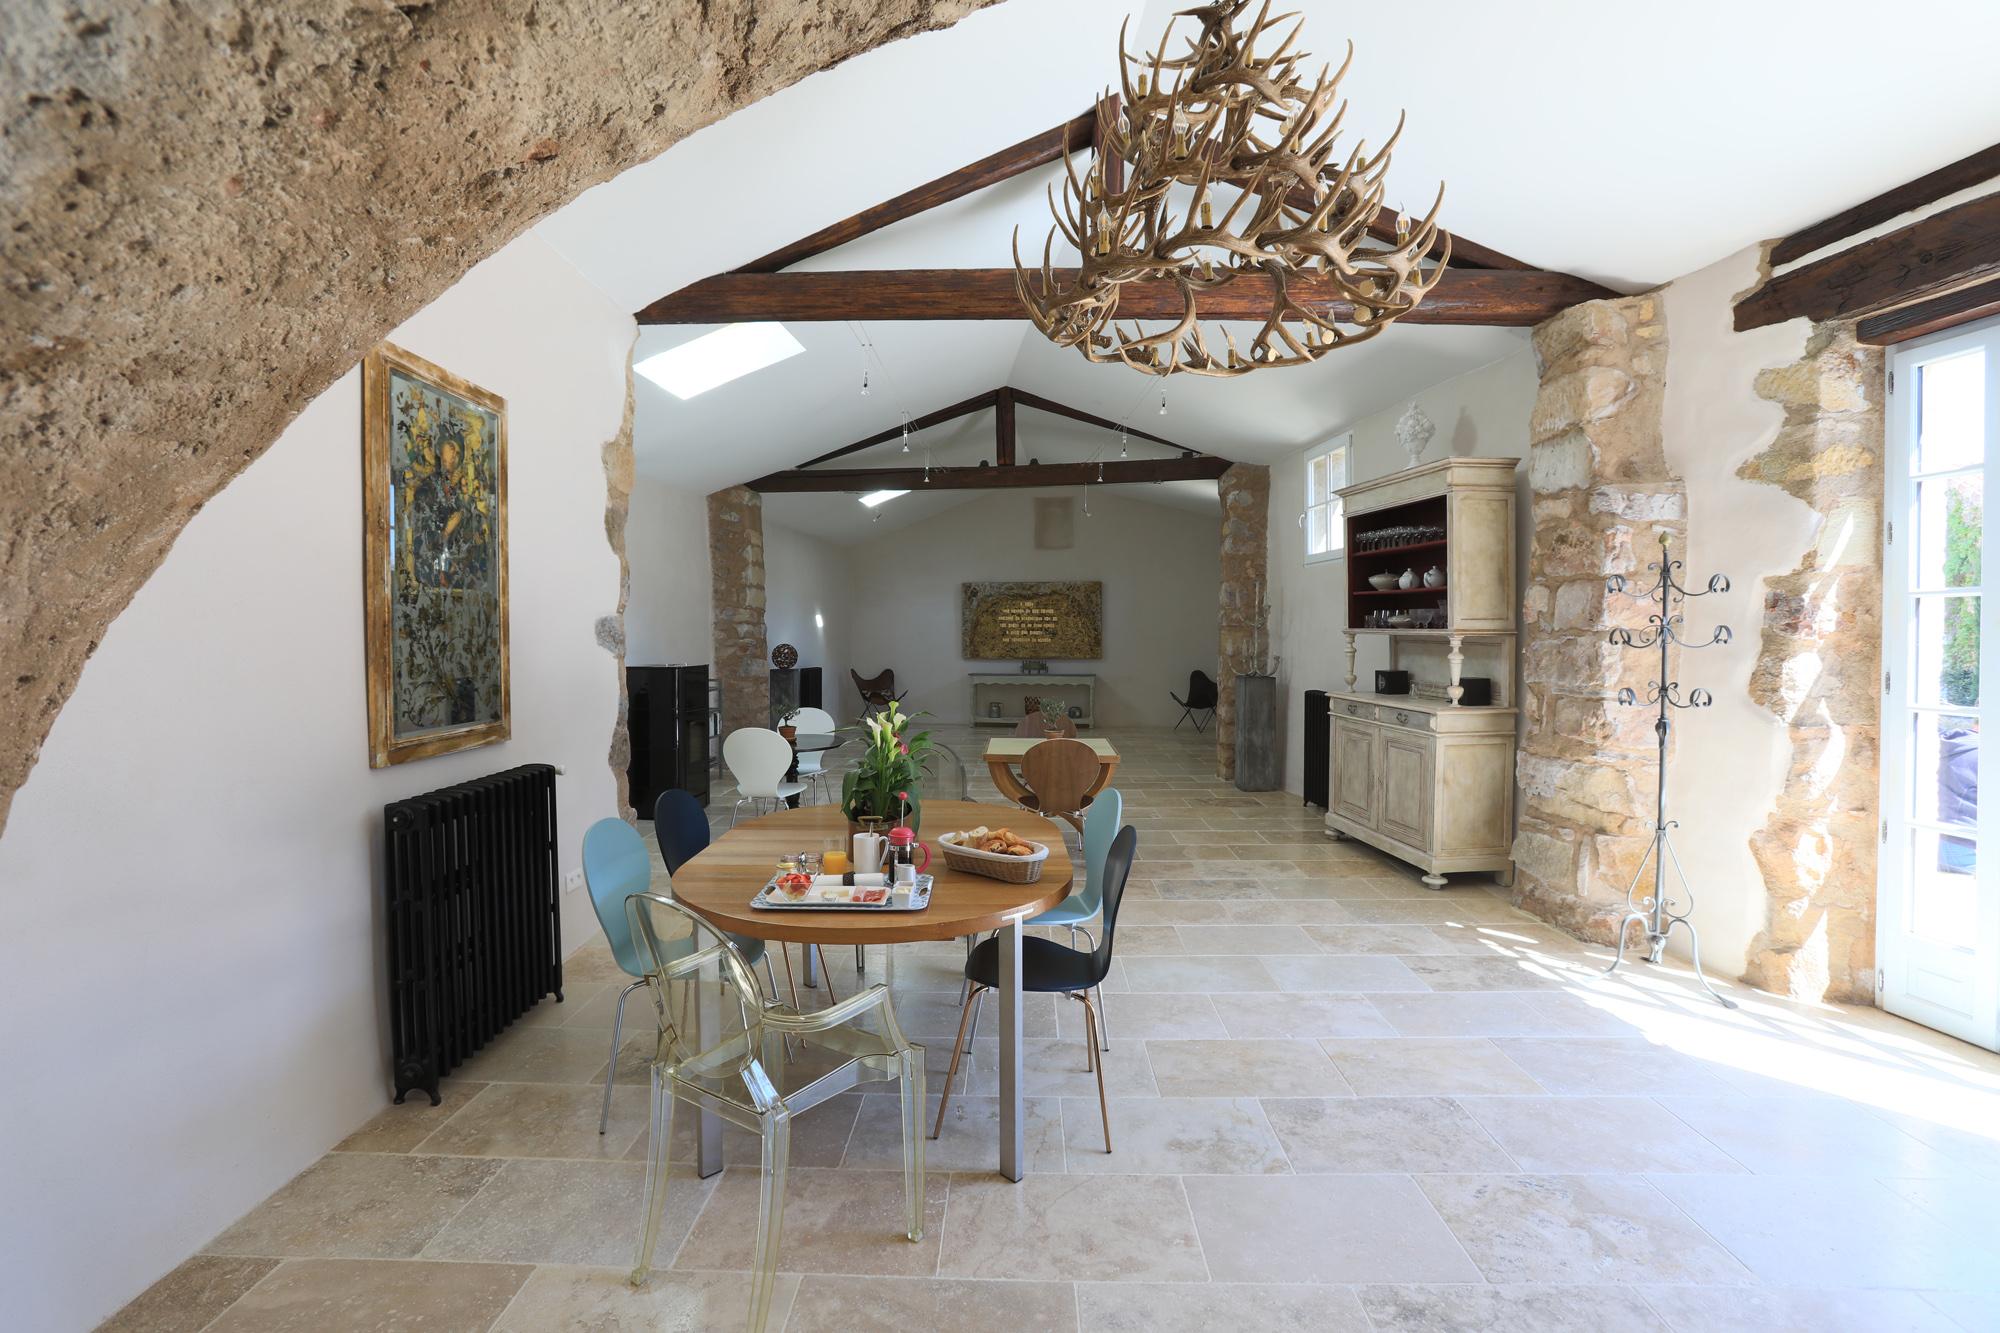 - Château d'OlmetPropriété de caractère du 18ème siècle avec jardin clos et piscine